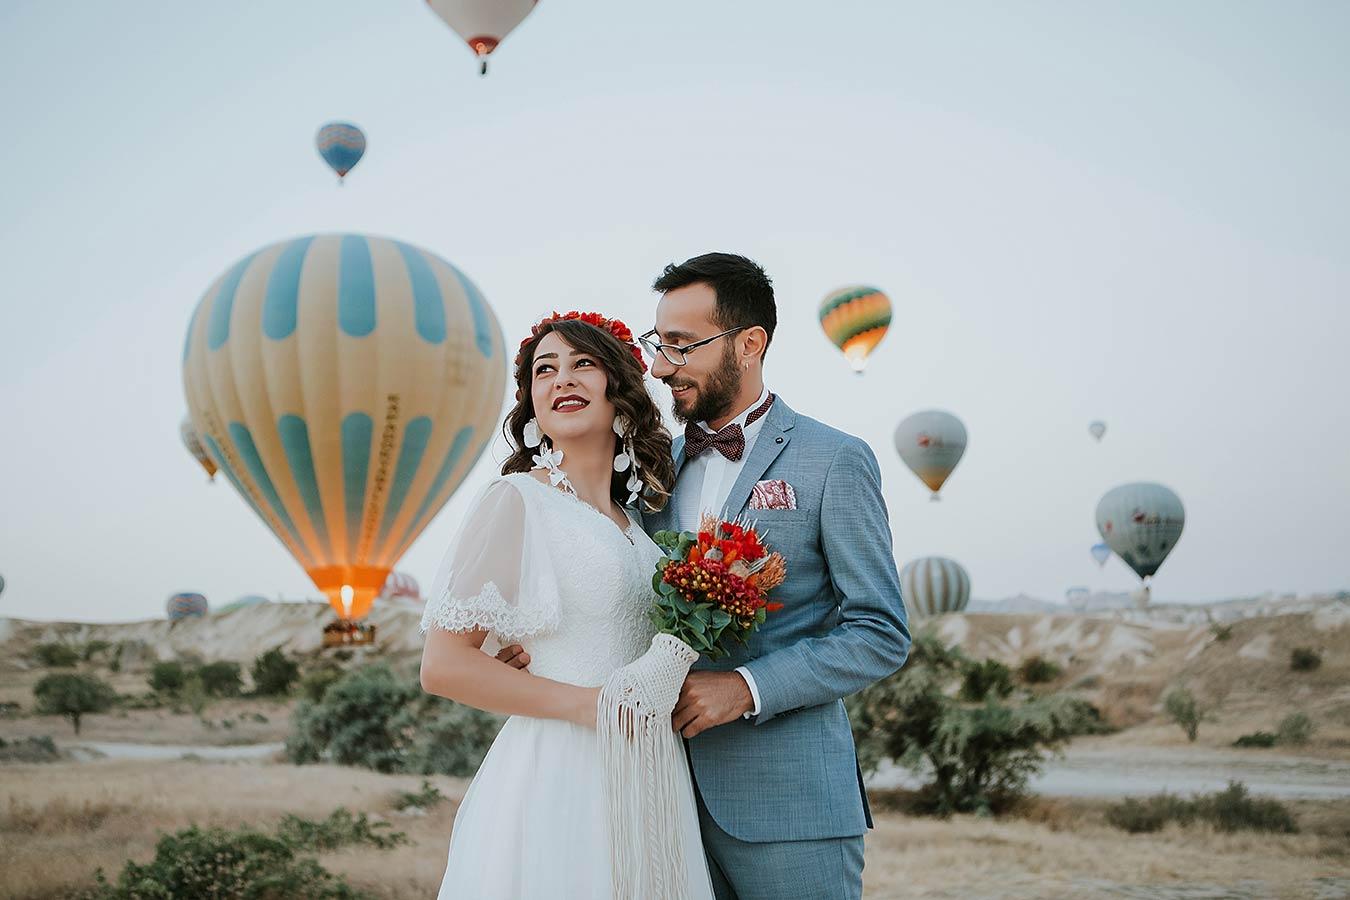 Kapadokya-Balon-düğün-dış-çekim-kapadokya-gün-doğumu-balon-gelin-damat-dış-çekim-gelinbaşı-gelin-makyajı-Kapadokya-düğün-fotoğraçısı-düğün-albümü-3